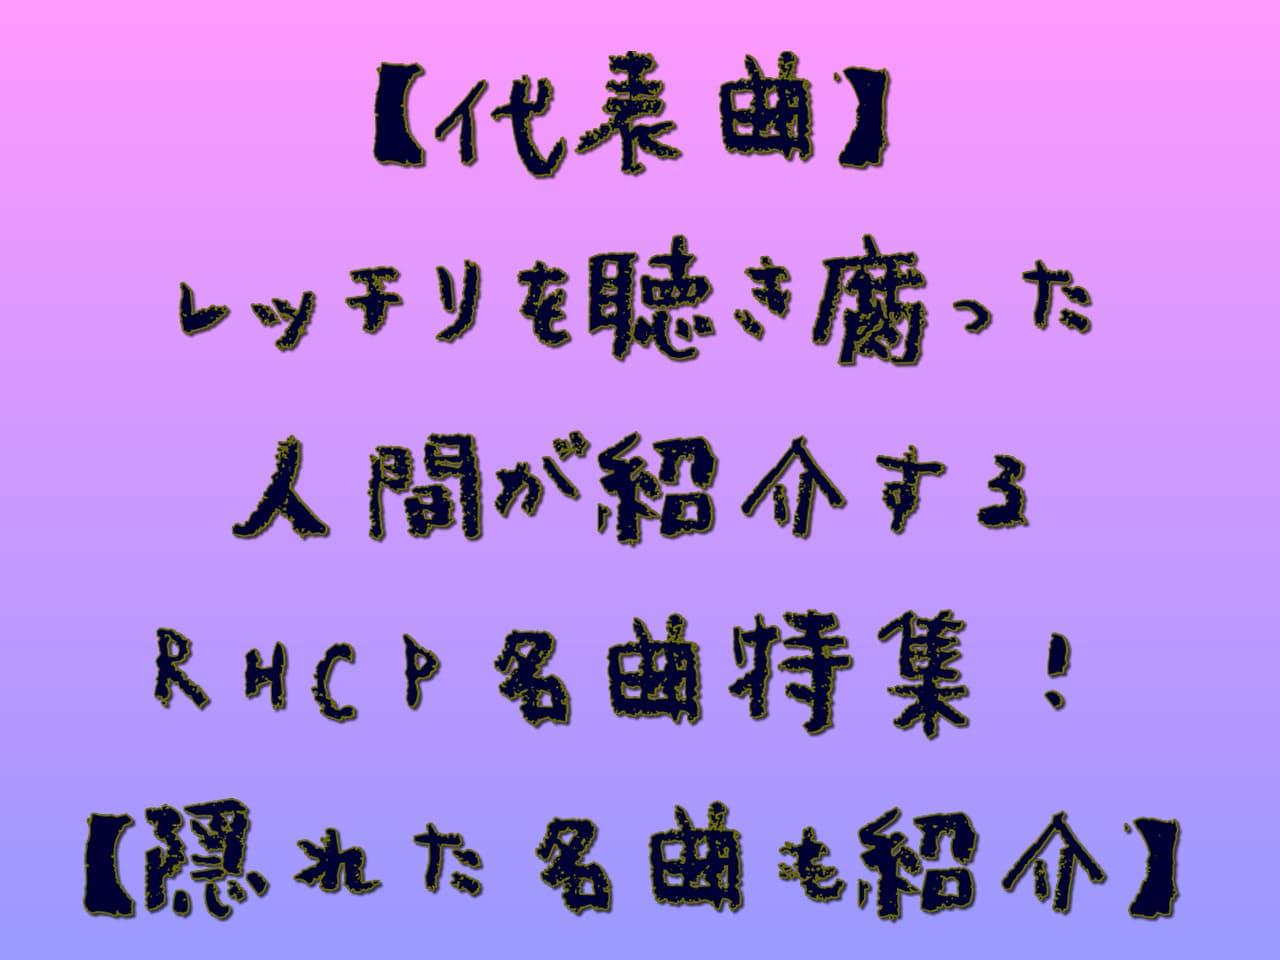 【代表曲】レッチリを聴き腐った人間が紹介するRHCP名曲特集!【隠れた名曲も紹介】